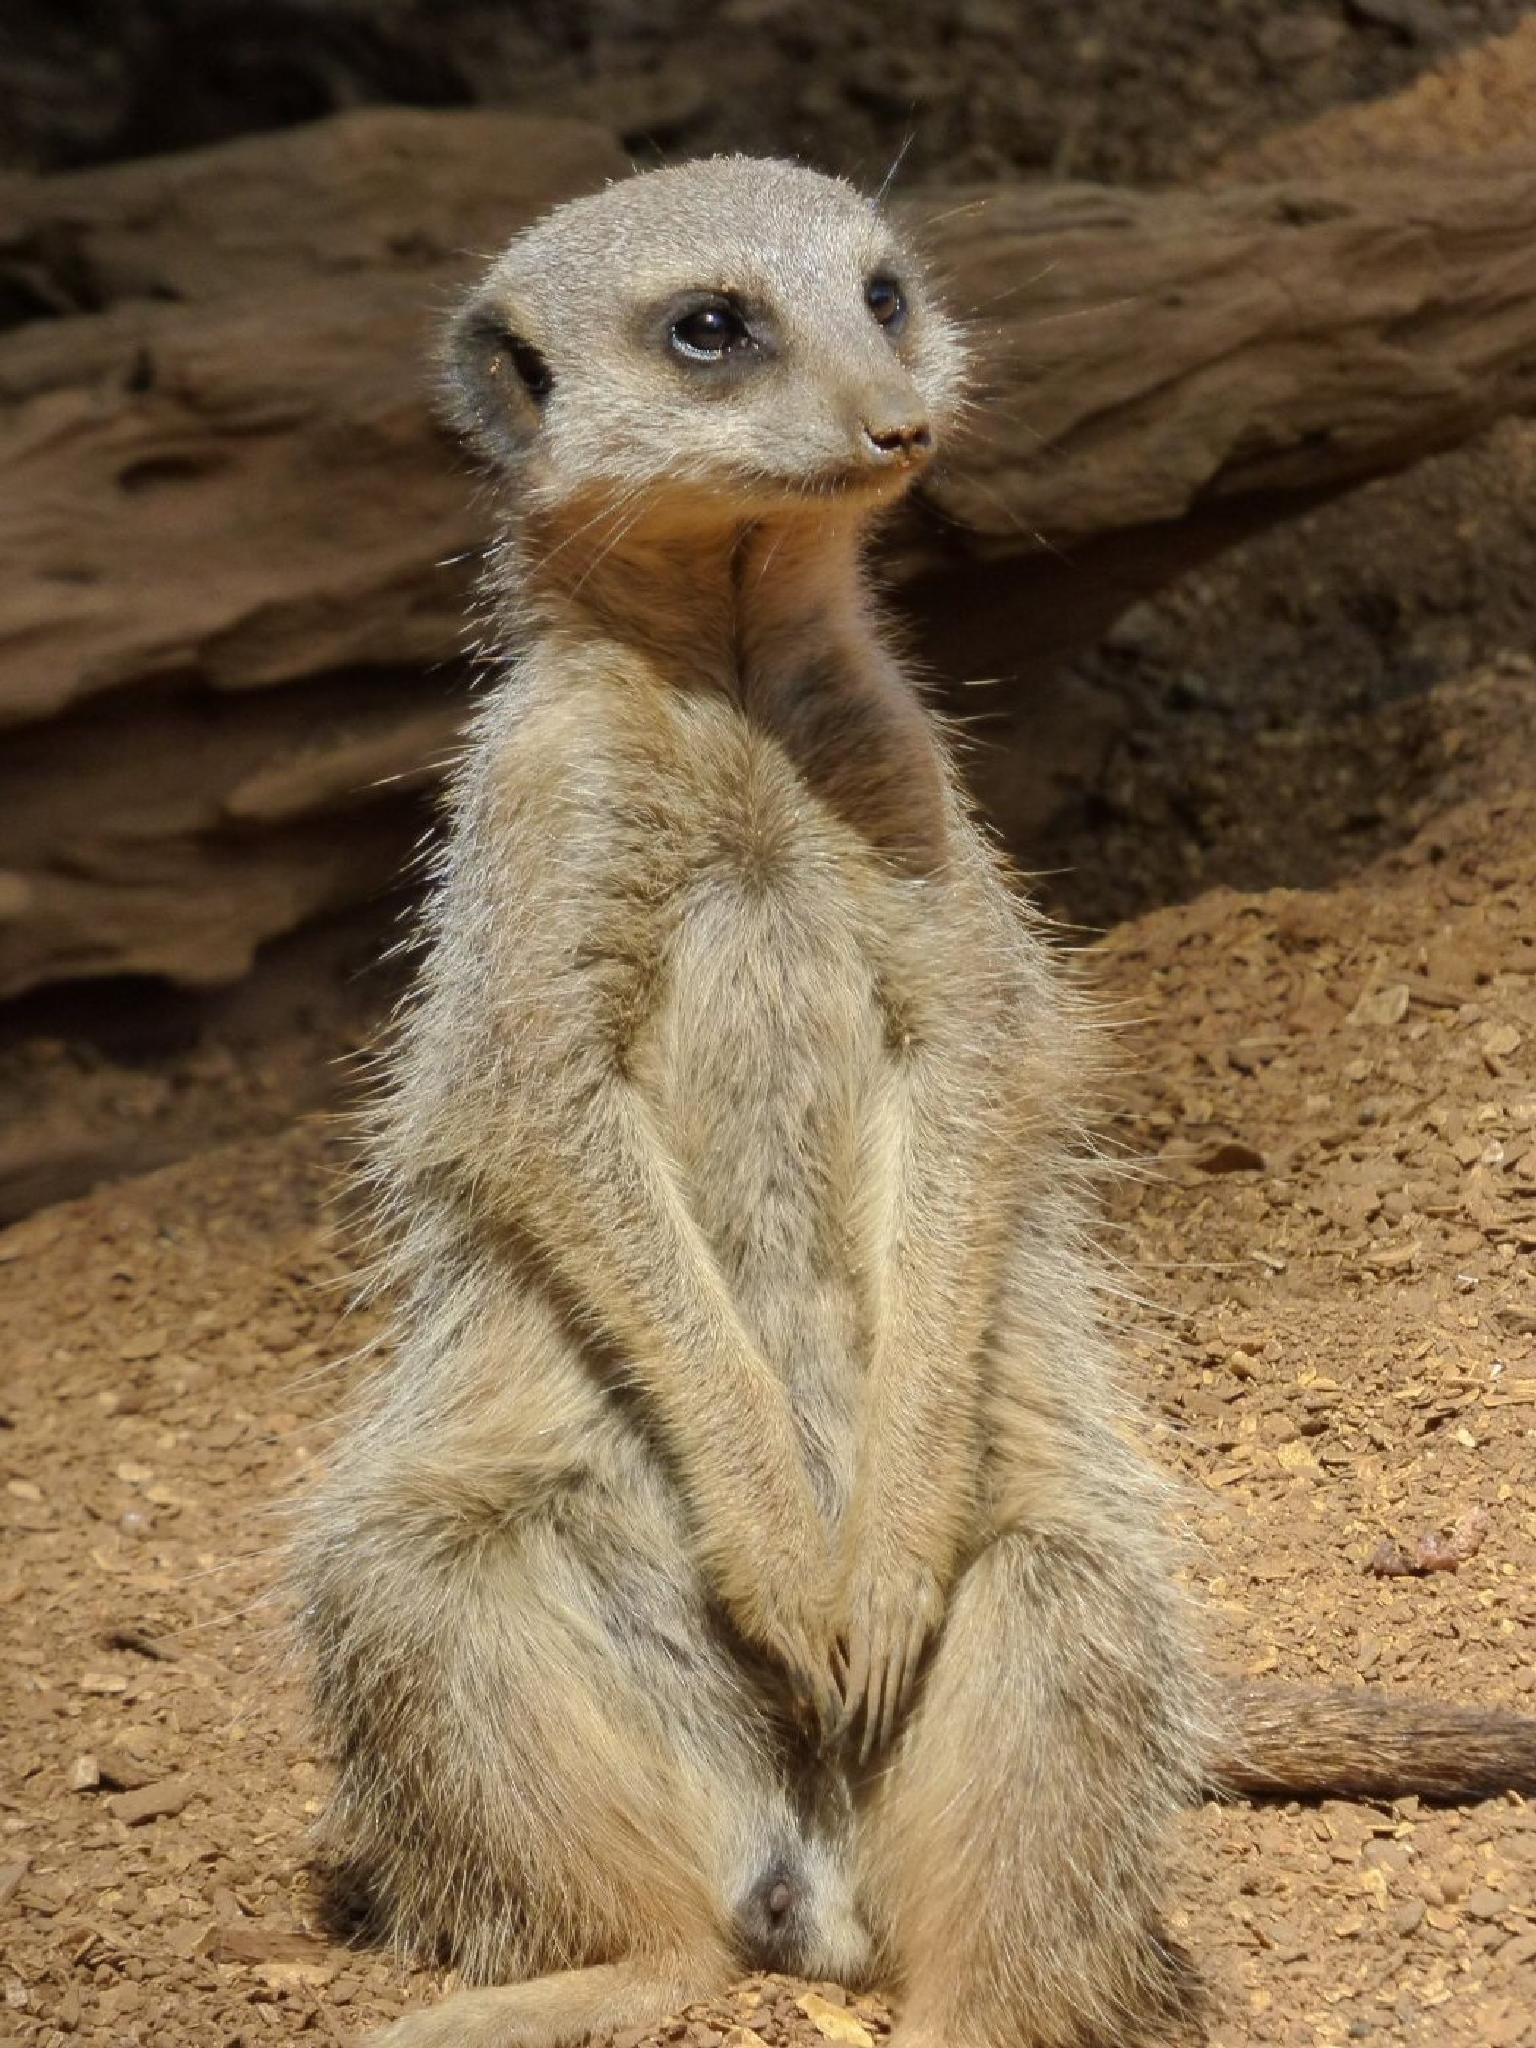 Meerkat by Alice Goss